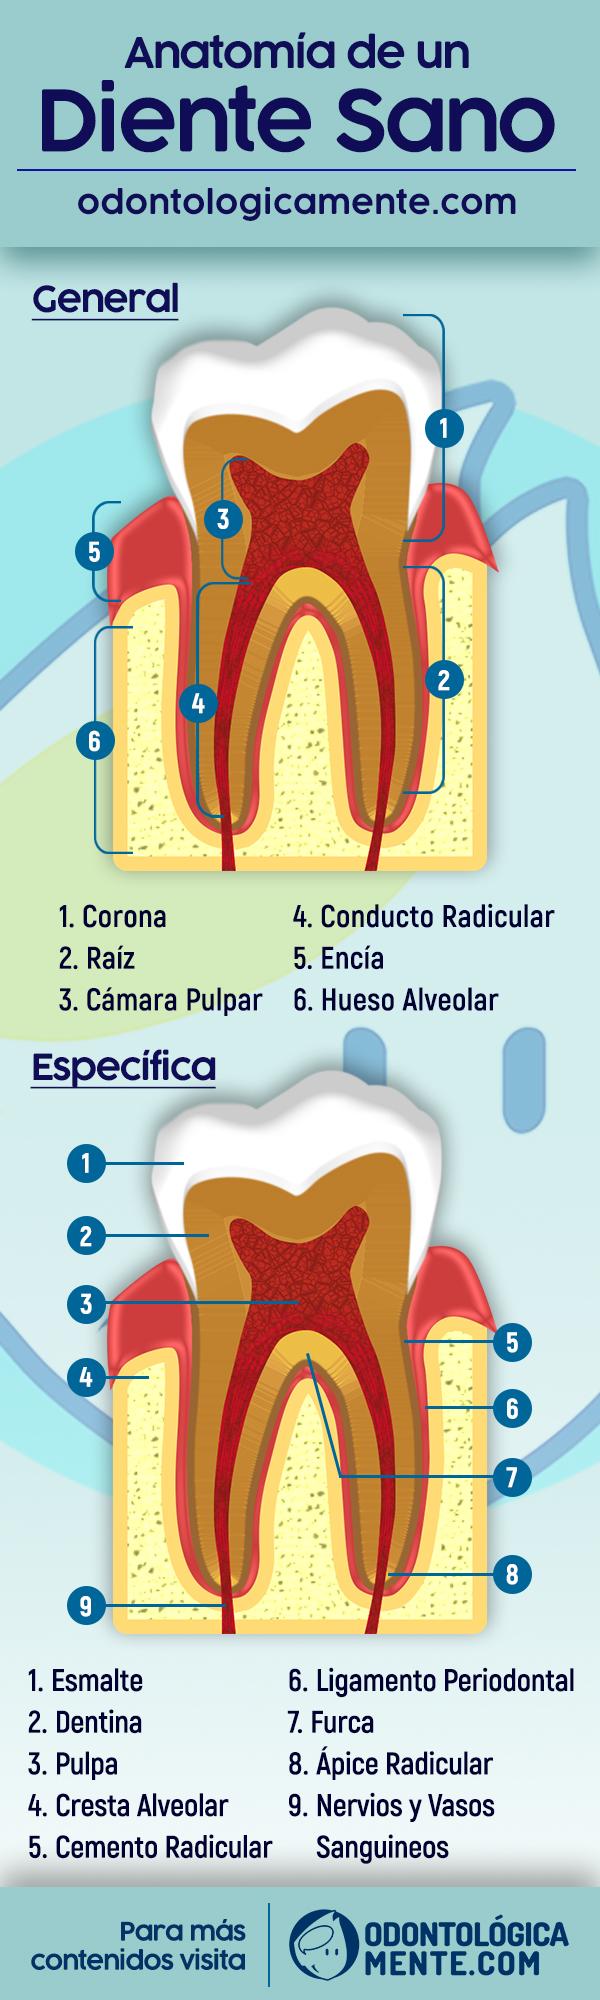 Infografia anatomia dental partes de un diente sano